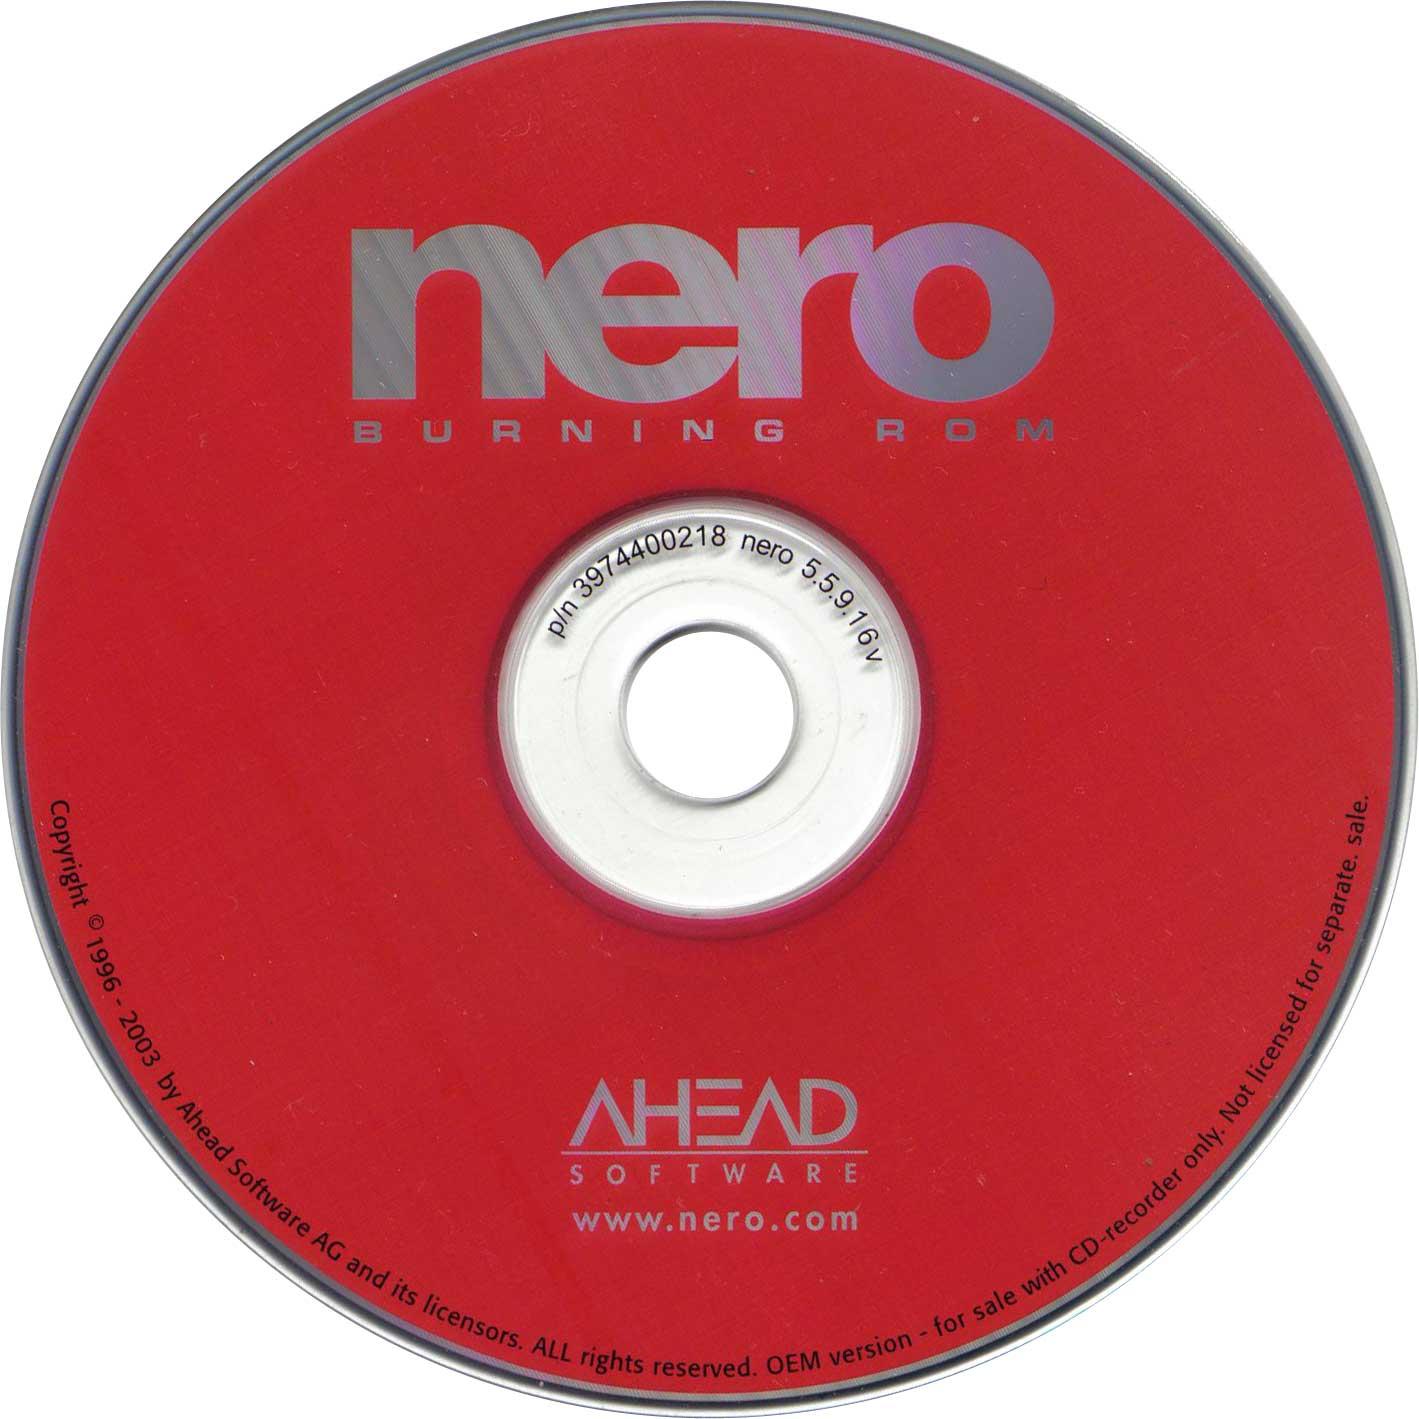 grabar mpeg a cd: